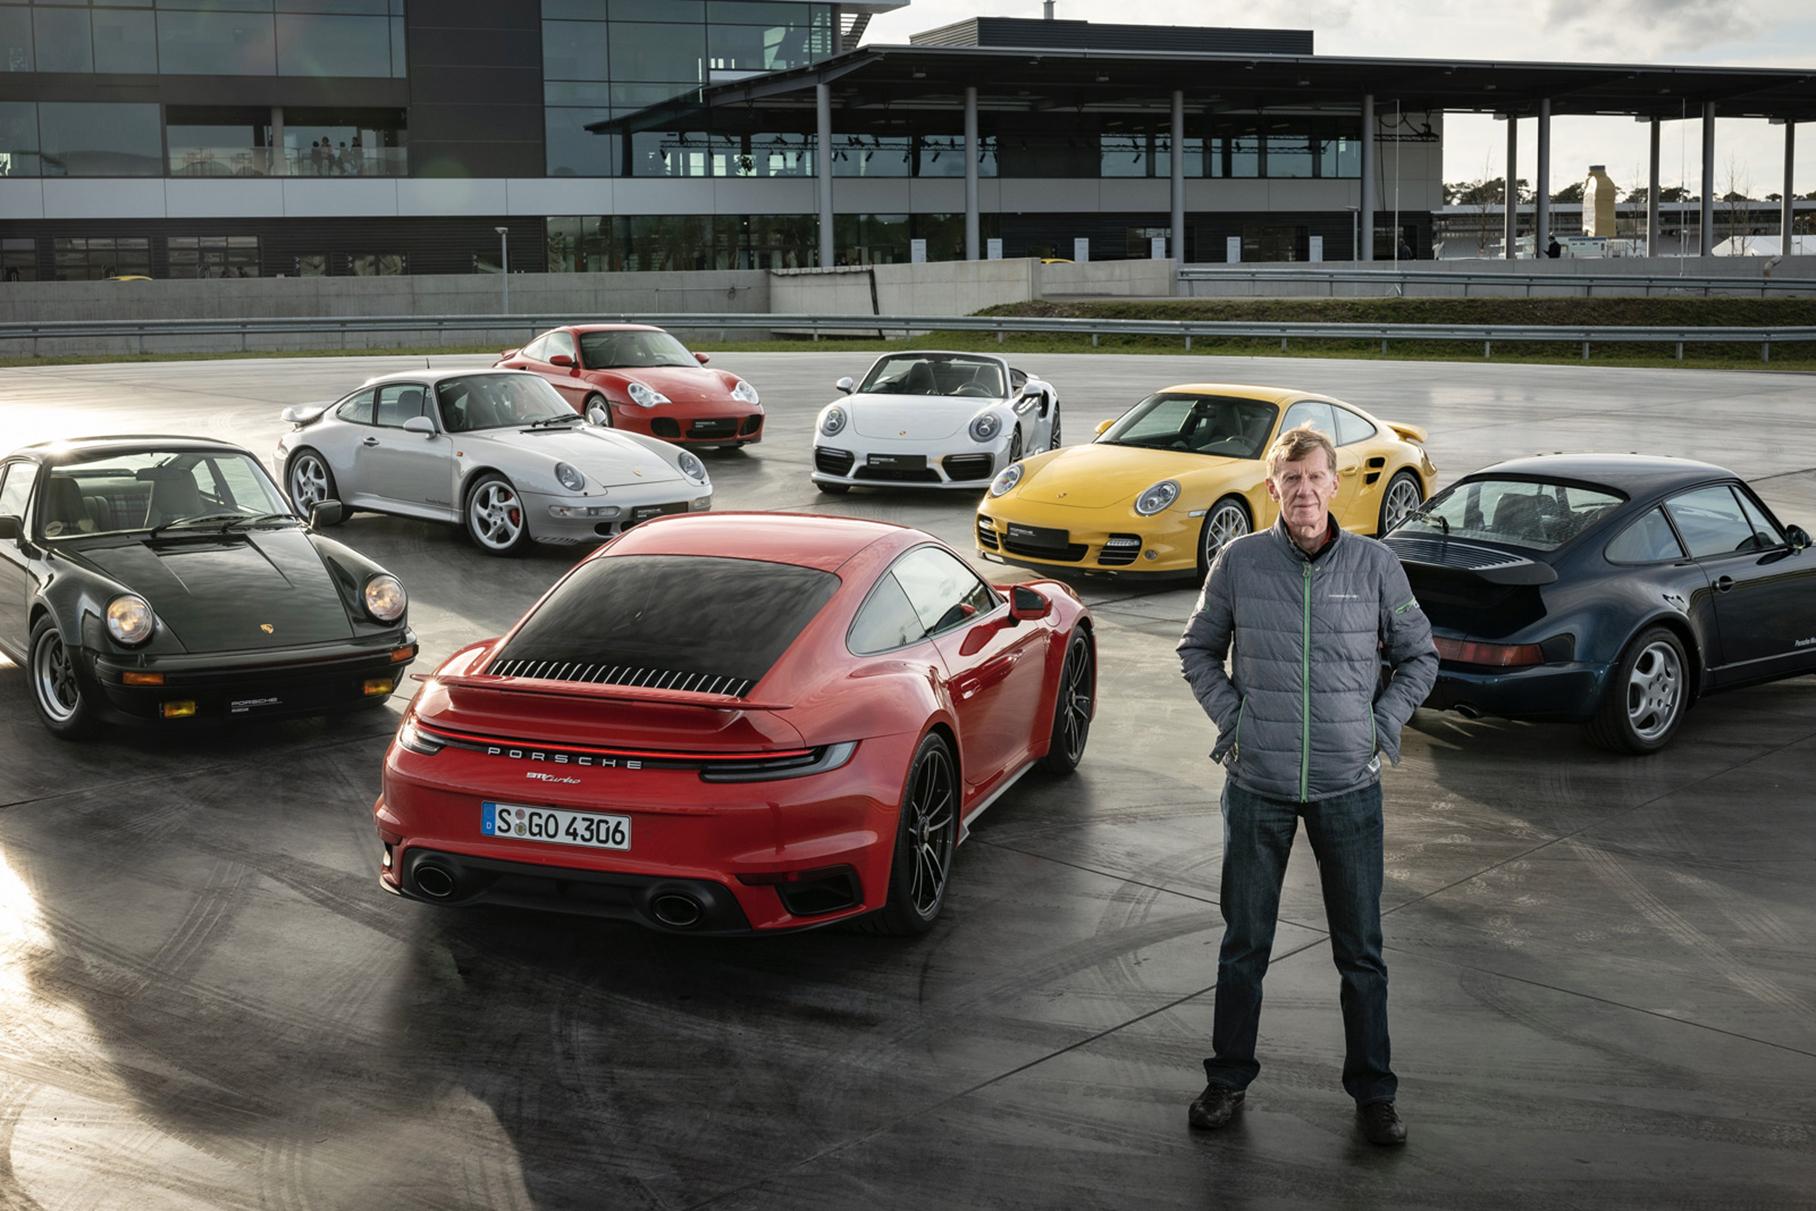 Видео: семь поколений Porsche 911 Turbo сразились друг с другом в гонке Новости